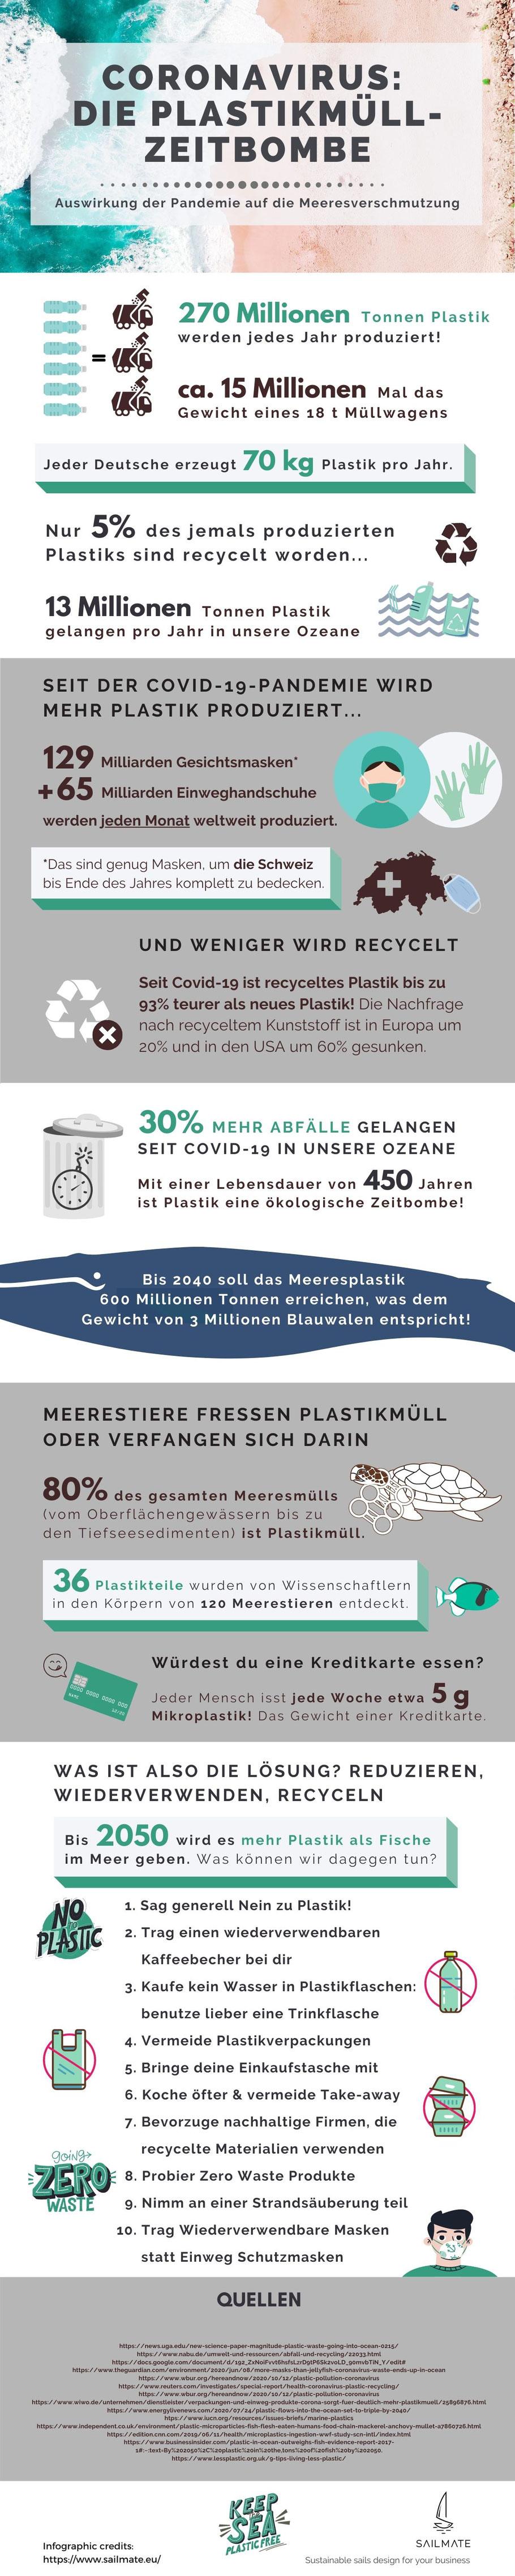 Infographik von Sailmate: Coronavirus, die Plastikmüll-Zeitbombe